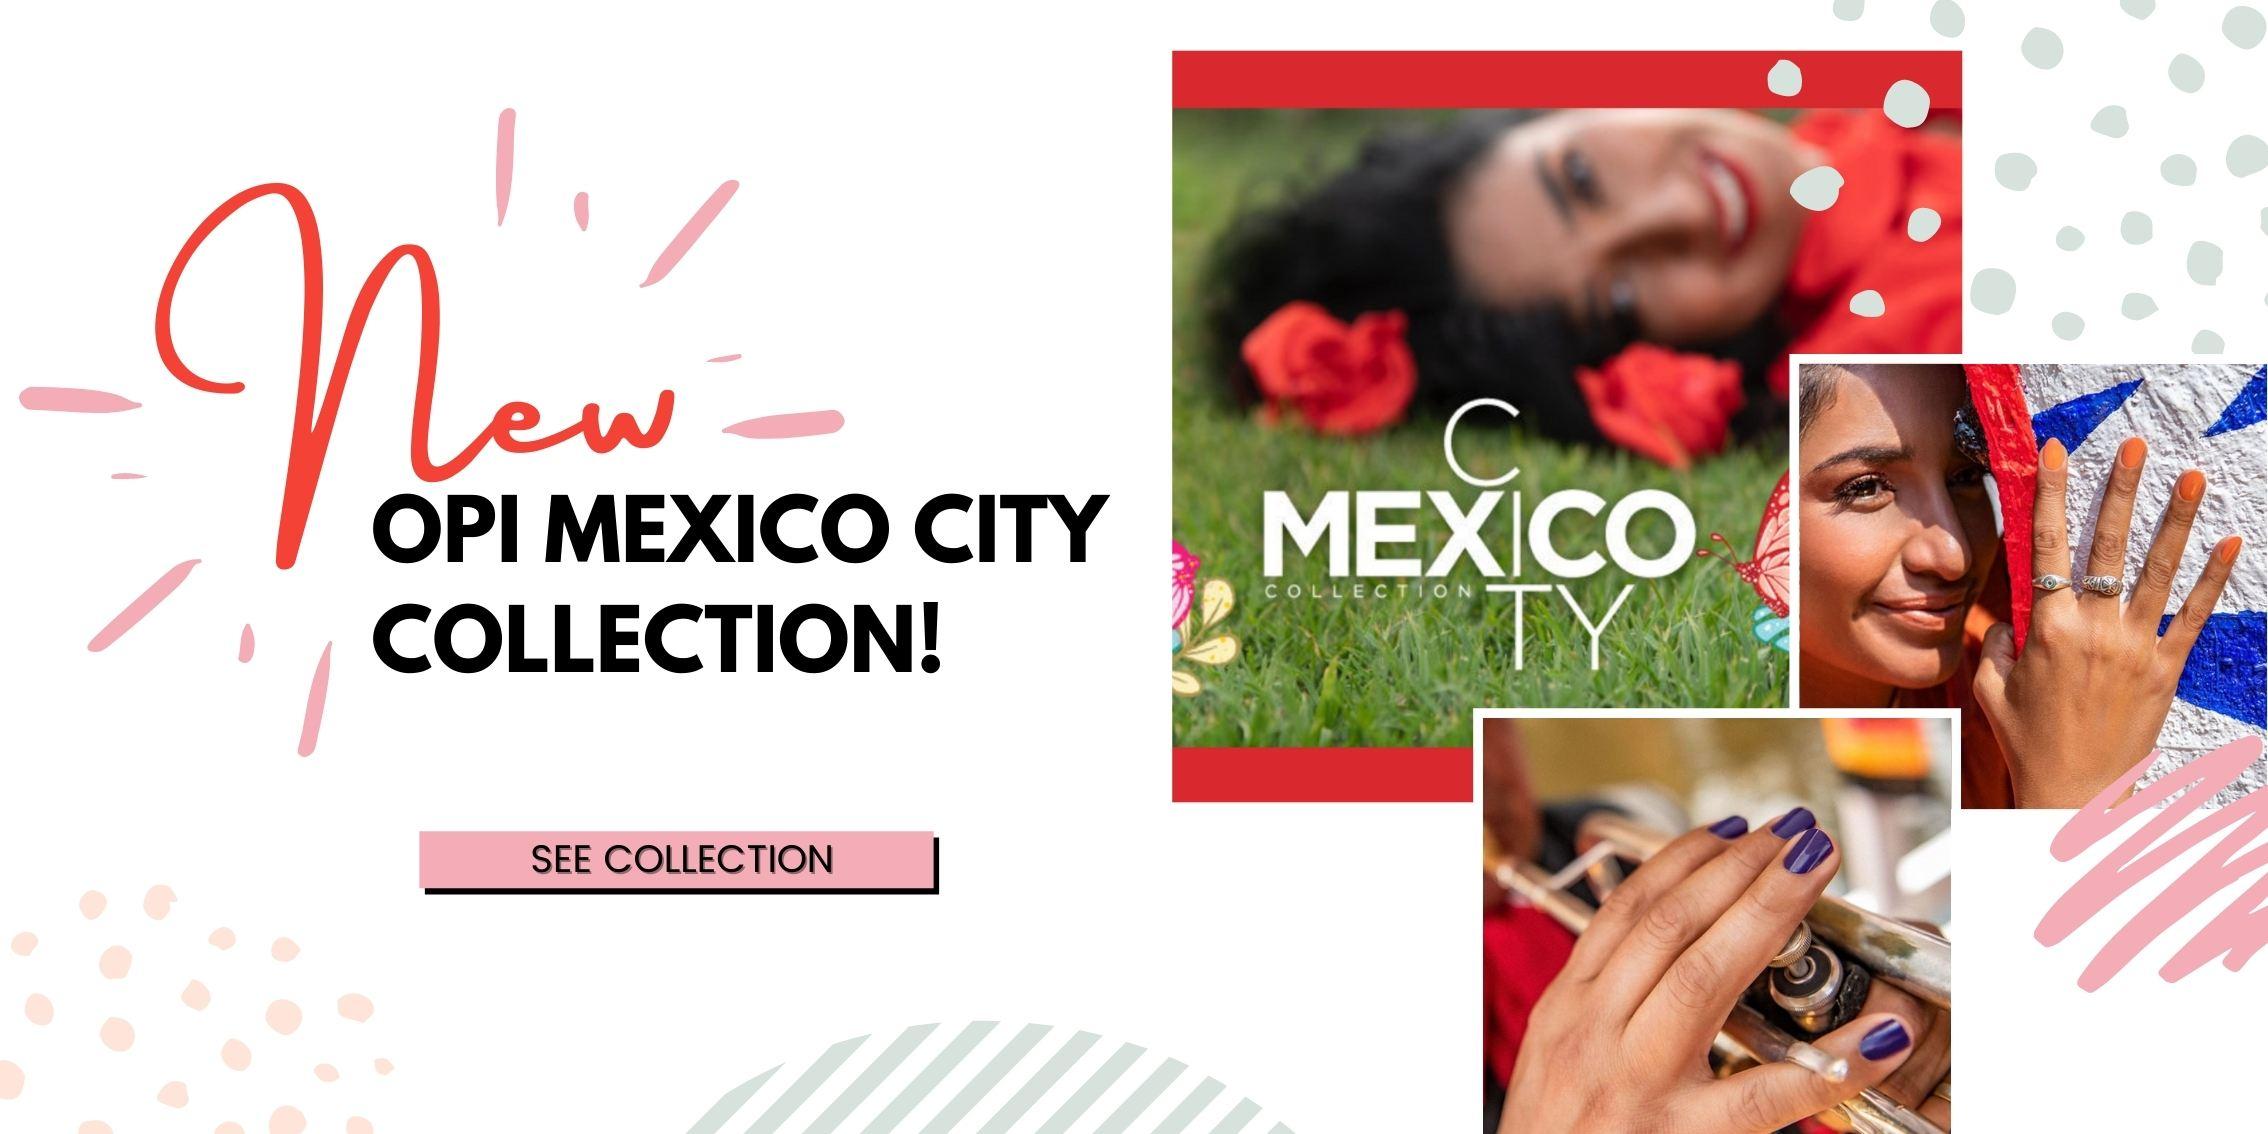 OPI Mexico City Collection Diamond Nail Supplies